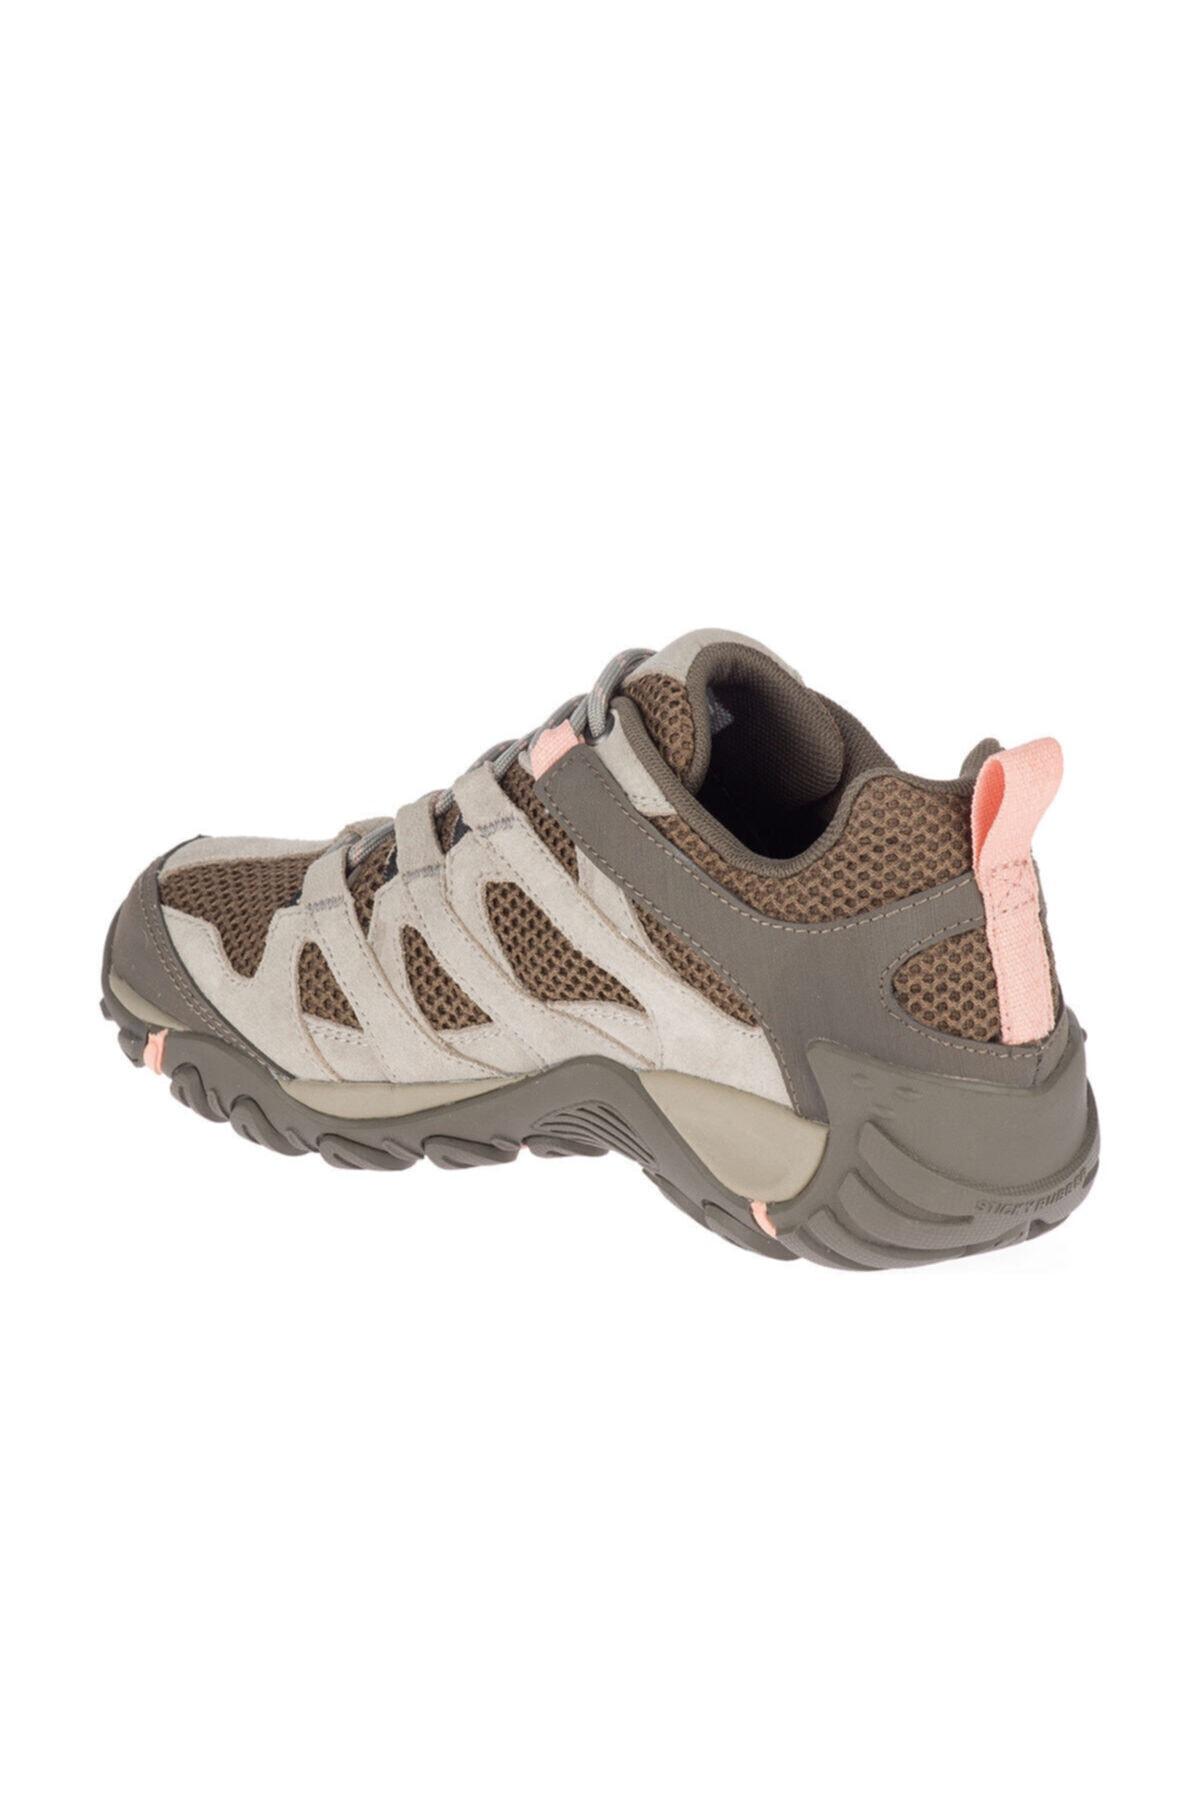 Merrell ALVERSTONE GTX Kahverengi Kadın Outdoor Ayakkabı 101016038 2